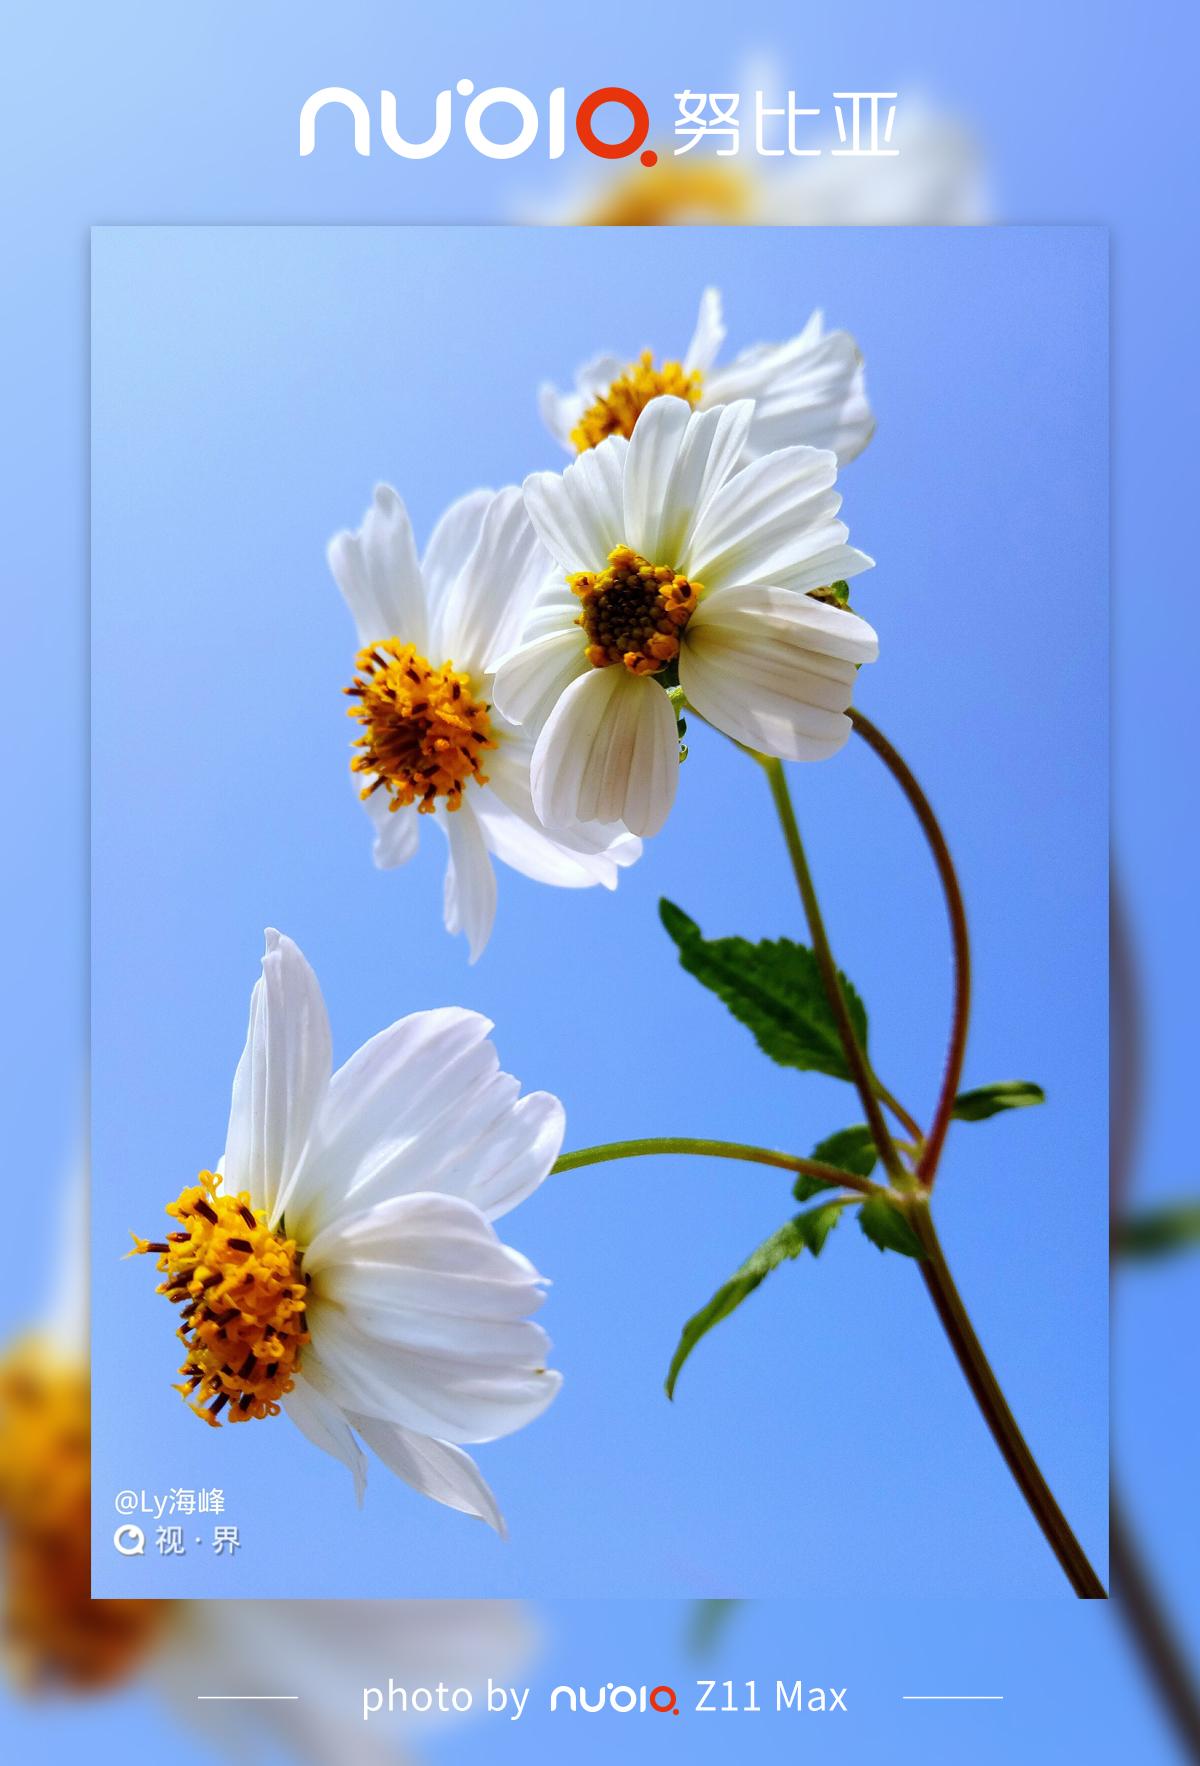 #BeYourself#寂寞且骄傲开放的小花总能让躁动的心慢慢平静用心聆听花的呼吸找回内心最